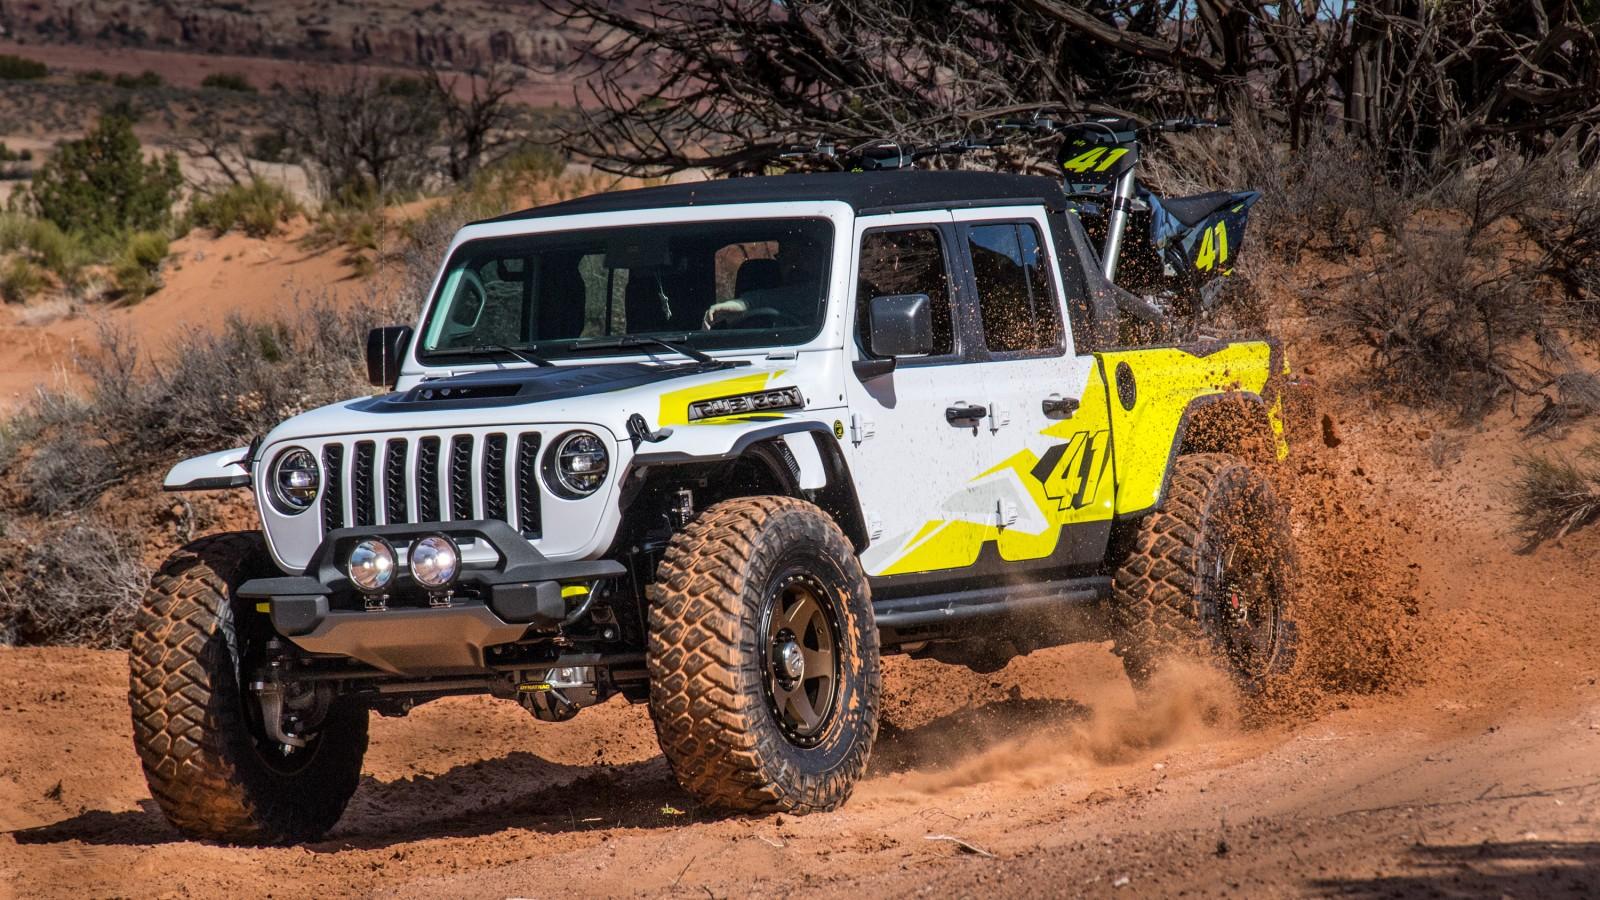 jeep flatbill 2019 wallpaper